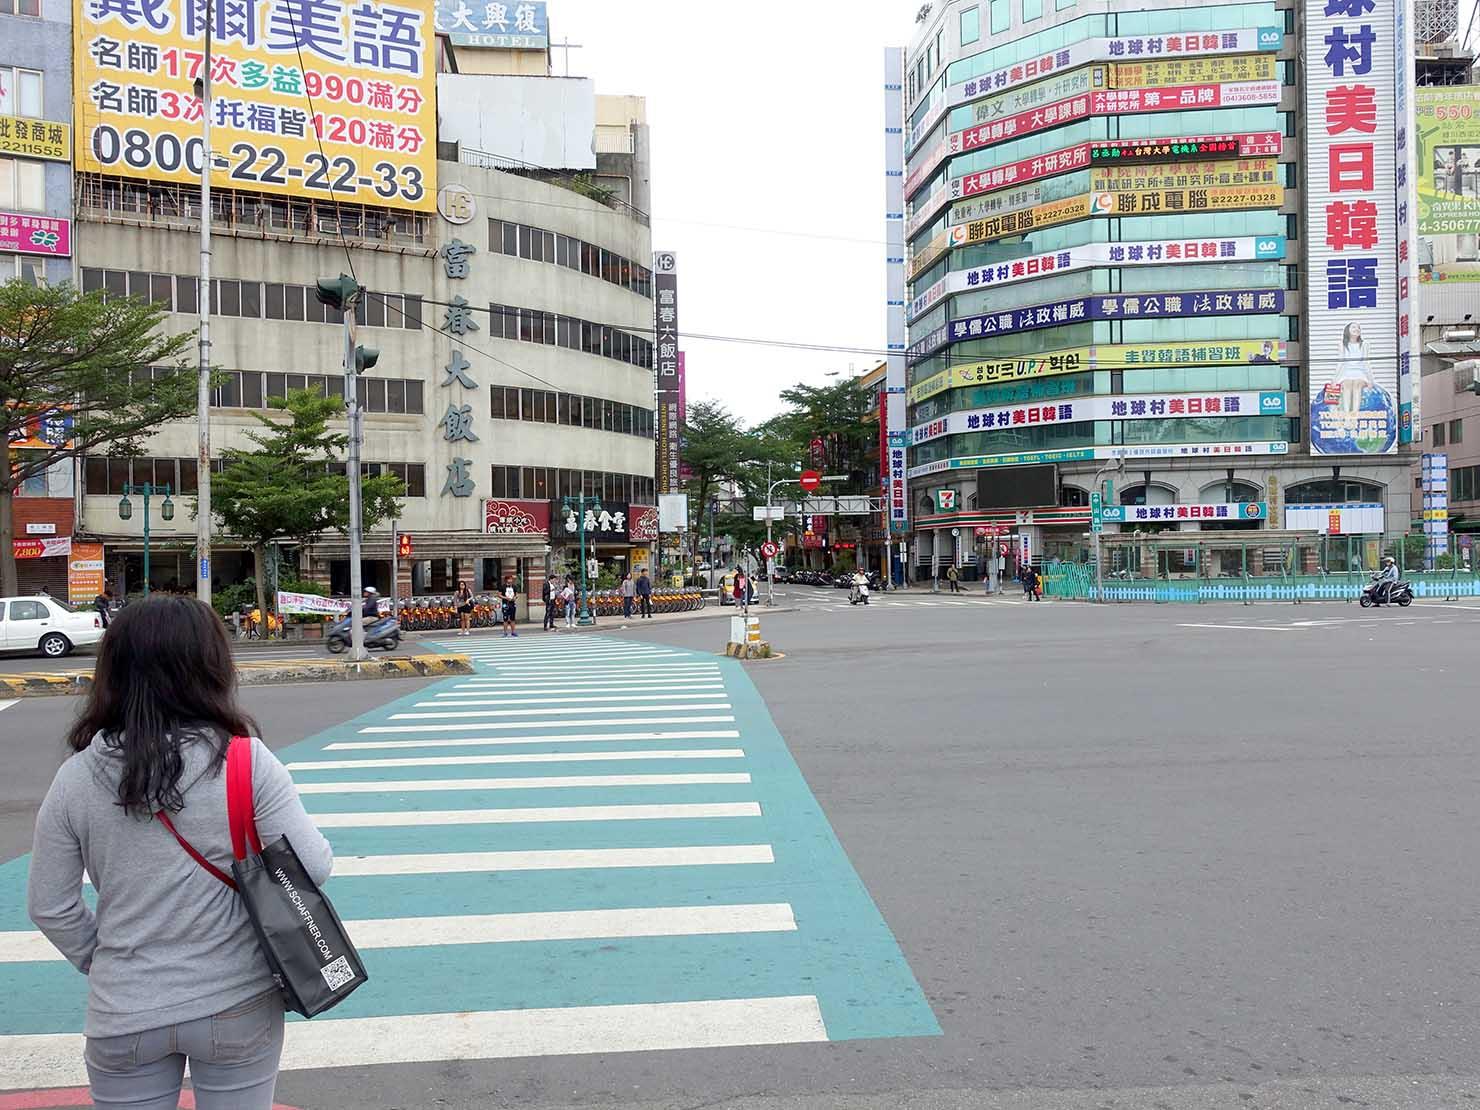 旧台中駅前広場の交差点